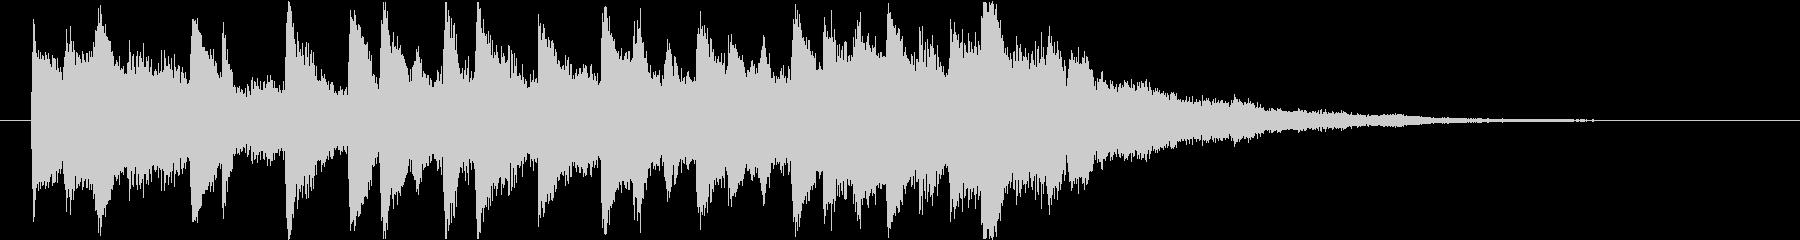 スタイリッシュなインスピレーション系ロゴの未再生の波形